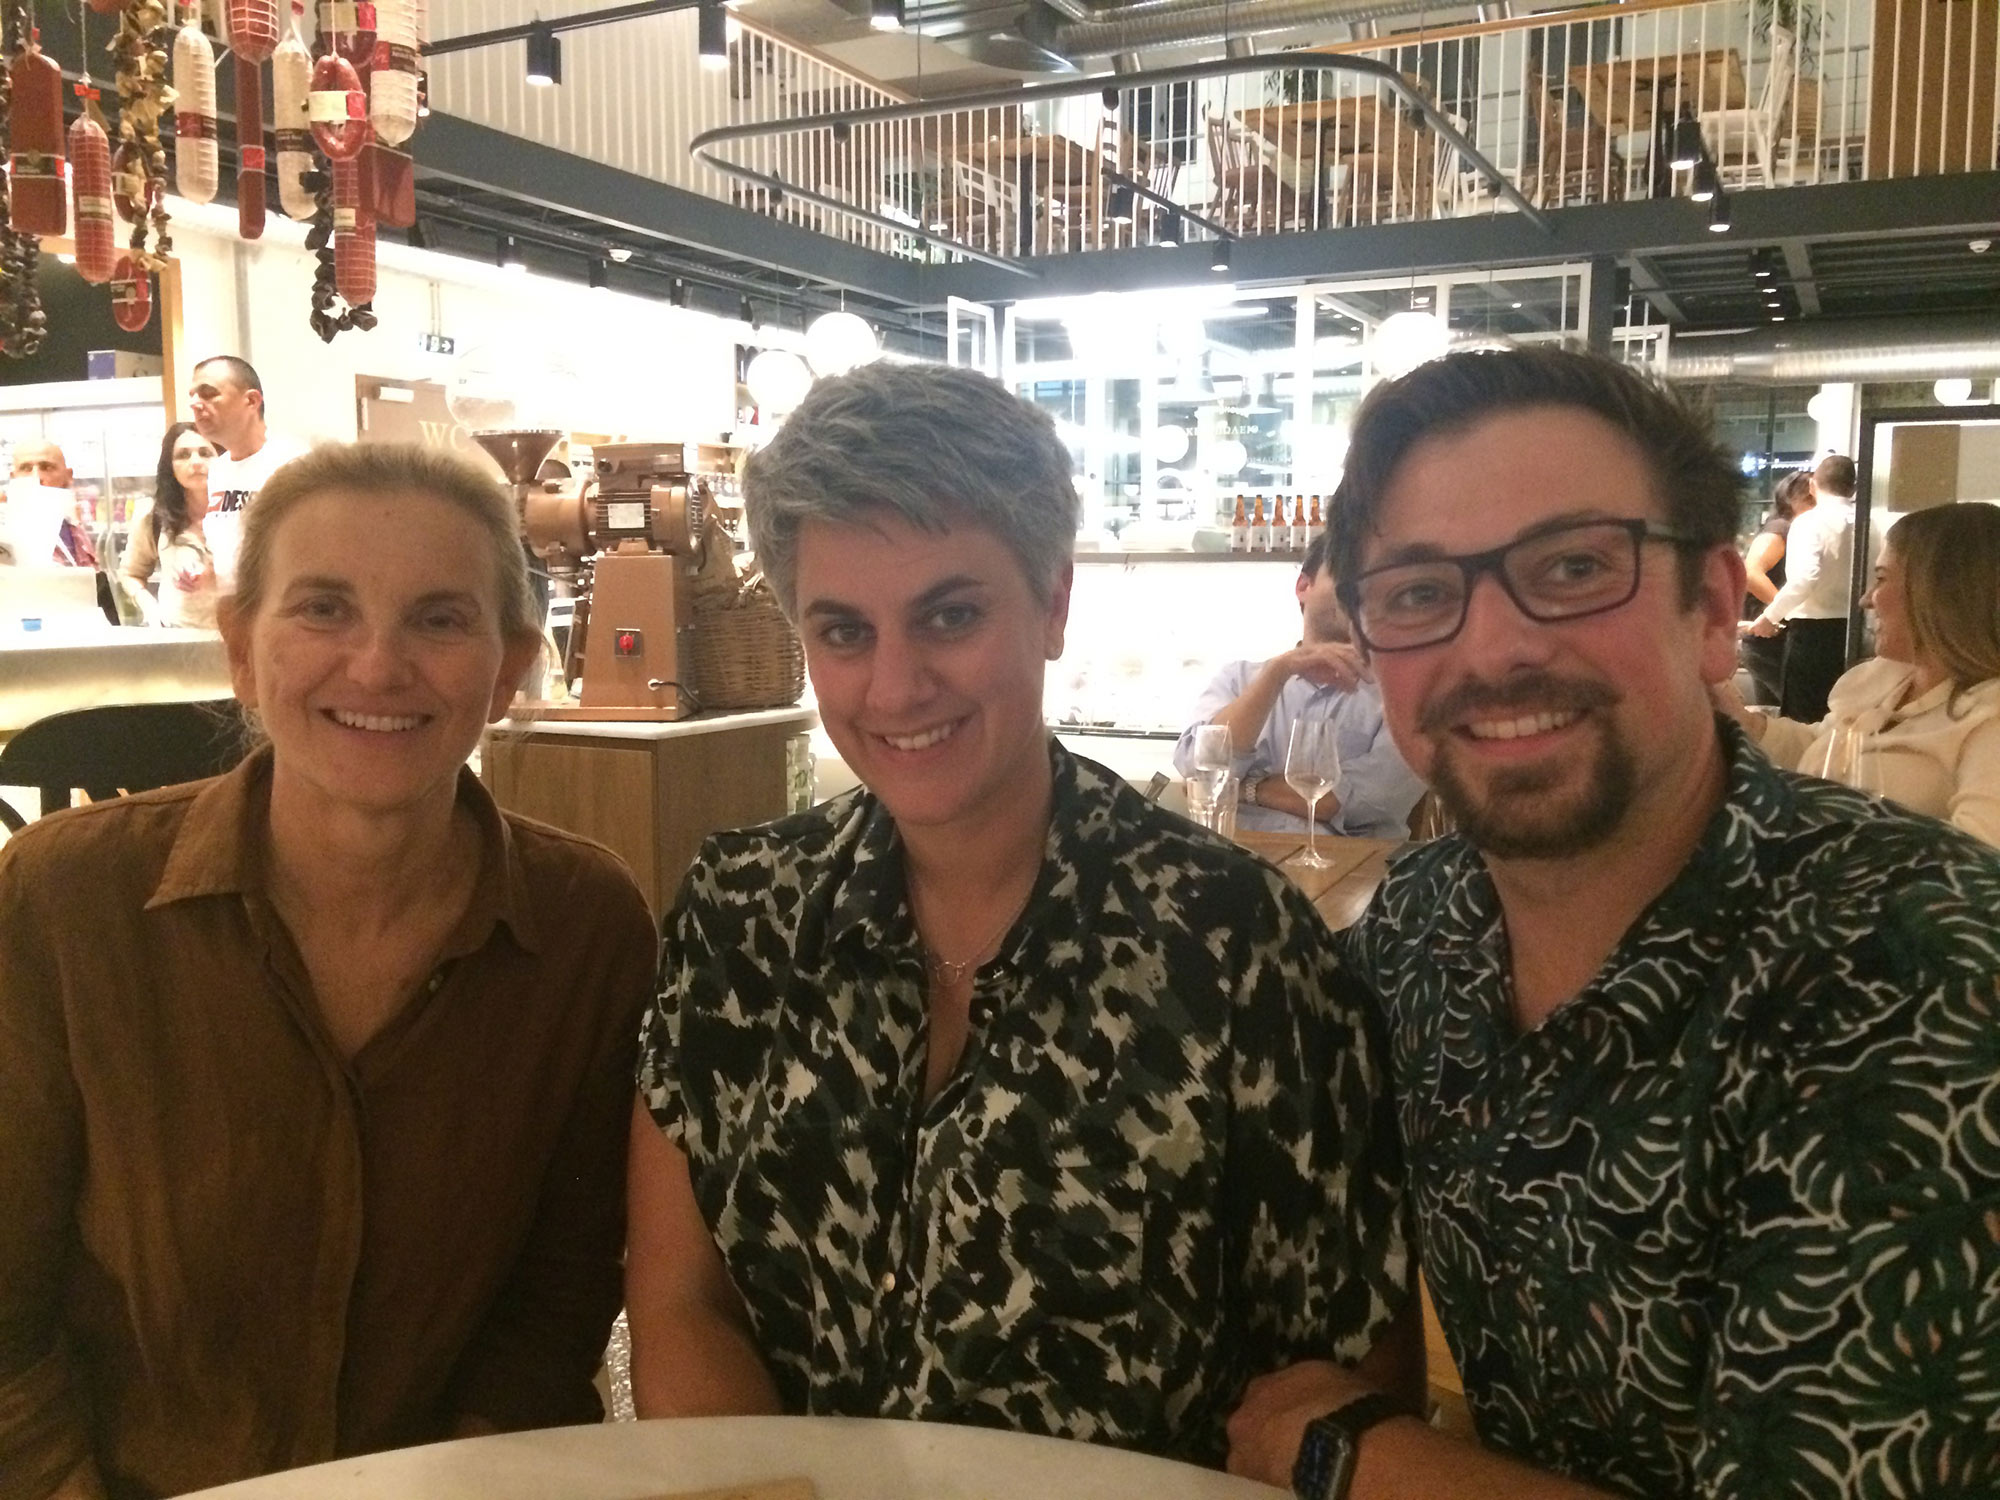 Η Διευθύντρια Marketing & Επικοινωνίας της ΕΛΟΠΥ, Ισμήνη Μπογδάνου, και οι νικητές του διαγωνισμού της Seafood Expo Global